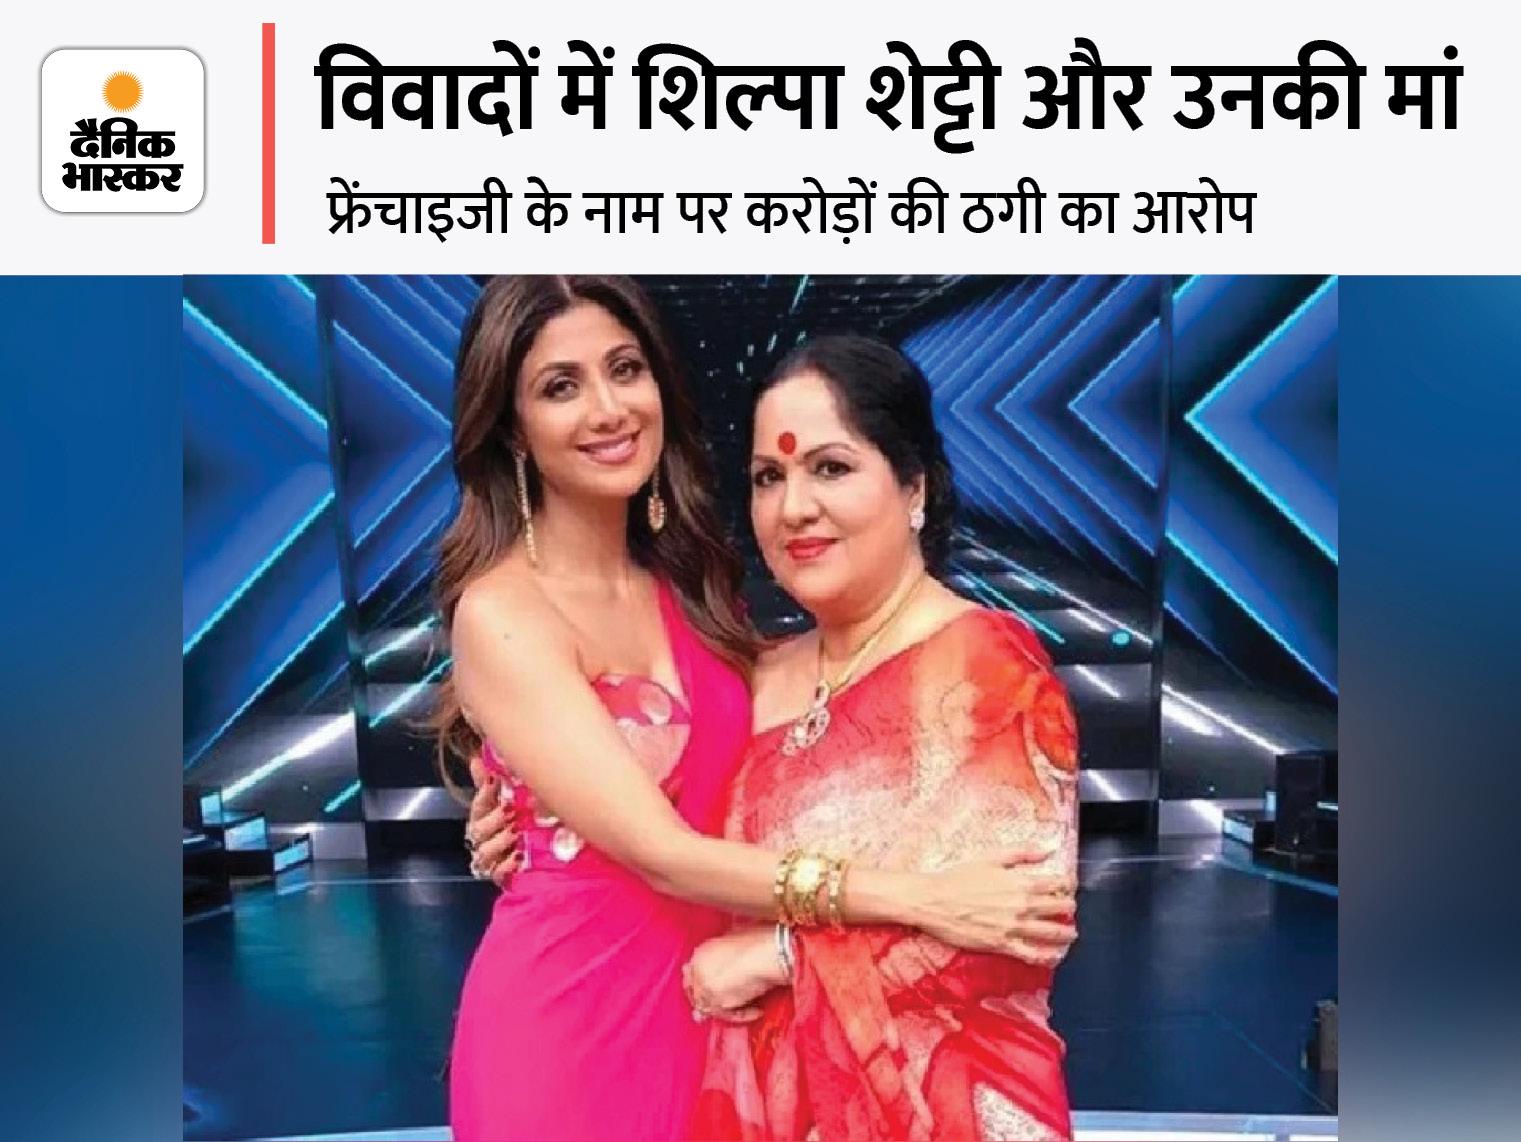 ठगी के मामले में शिल्पा और उनकी मां से UP पुलिस पूछताछ कर सकती है, लखनऊ से मुंबई पहुंच रही टीम महाराष्ट्र,Maharashtra - Dainik Bhaskar